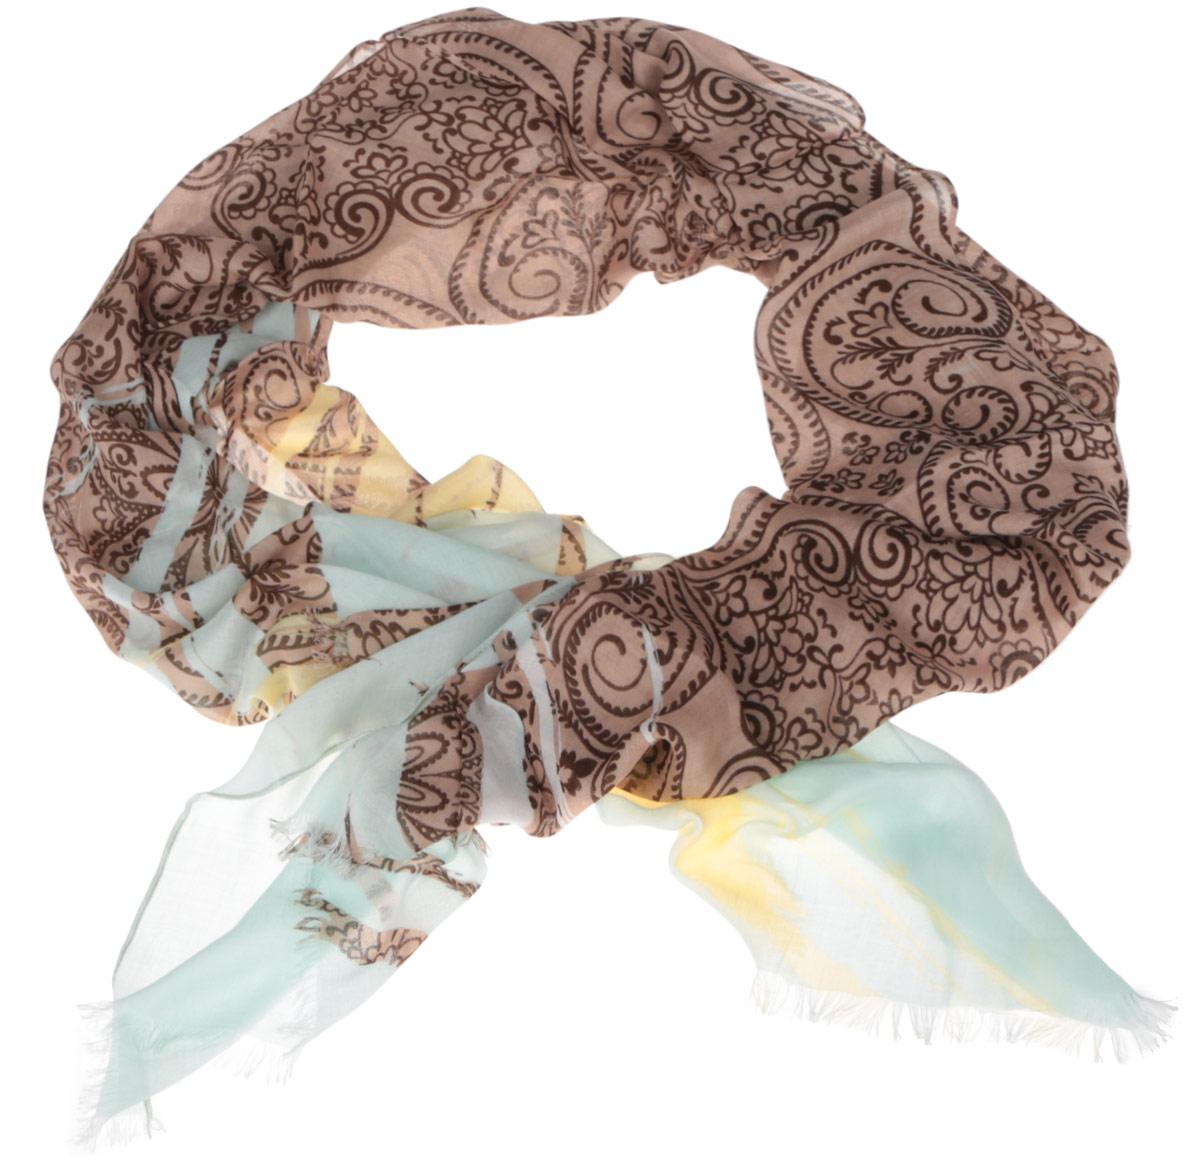 Шарф женский Fabretti, цвет: коричневый, светло-голубой, желтый. DS2015-001-2. Размер 184 см х 70 смDS2015-001-2Модный женский шарф Fabretti подарит вам уют и станет стильным аксессуаром, который призван подчеркнуть вашу индивидуальность и женственность. Тонкий шарф выполнен из высококачественного модала с добавлением вискозы, он невероятно мягкий и приятный на ощупь. Шарф оформлен принтом с оригинальным цветочным орнаментом.Этот модный аксессуар гармонично дополнит образ современной женщины, следящей за своим имиджем и стремящейся всегда оставаться стильной и элегантной. Такой шарф украсит любой наряд и согреет вас в непогоду, с ним вы всегда будете выглядеть изысканно и оригинально.